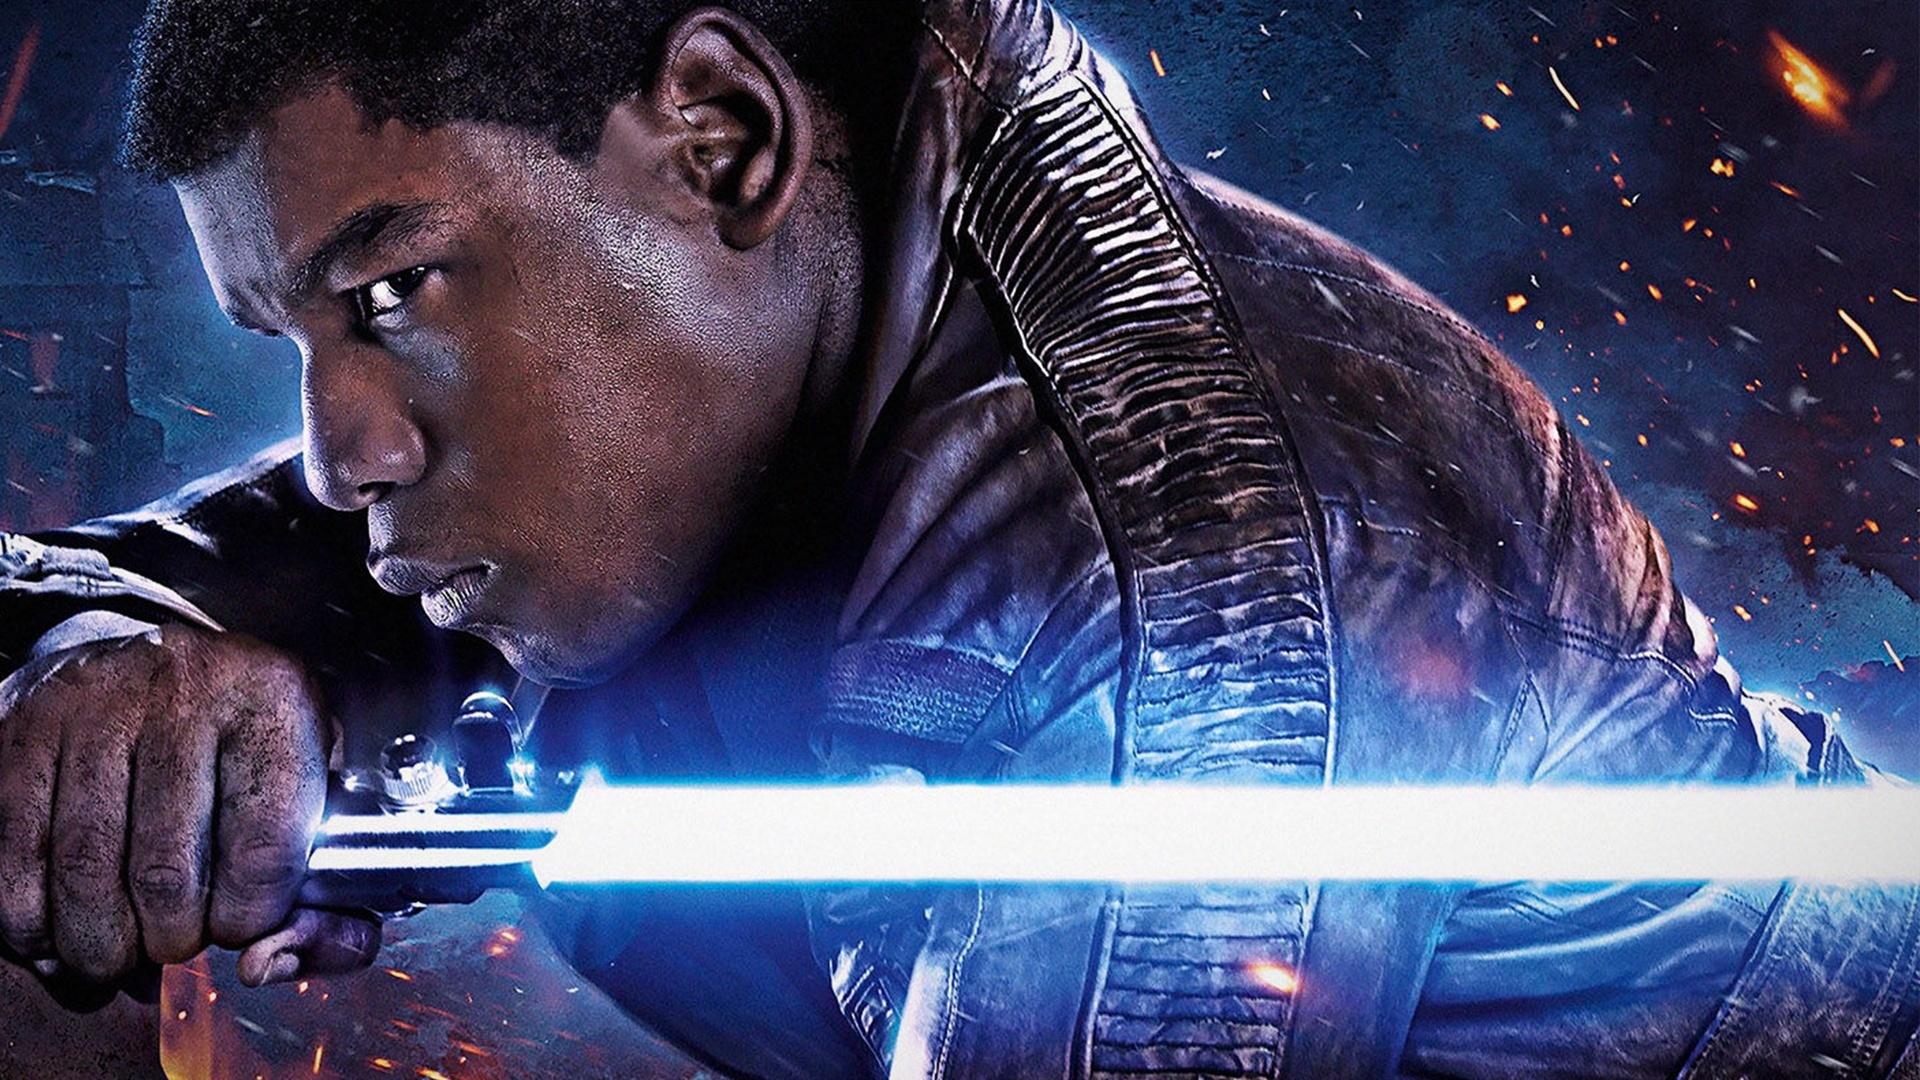 Star Wars 7 - Was ihr wissen müsst, bevor ihr ins Kino geht